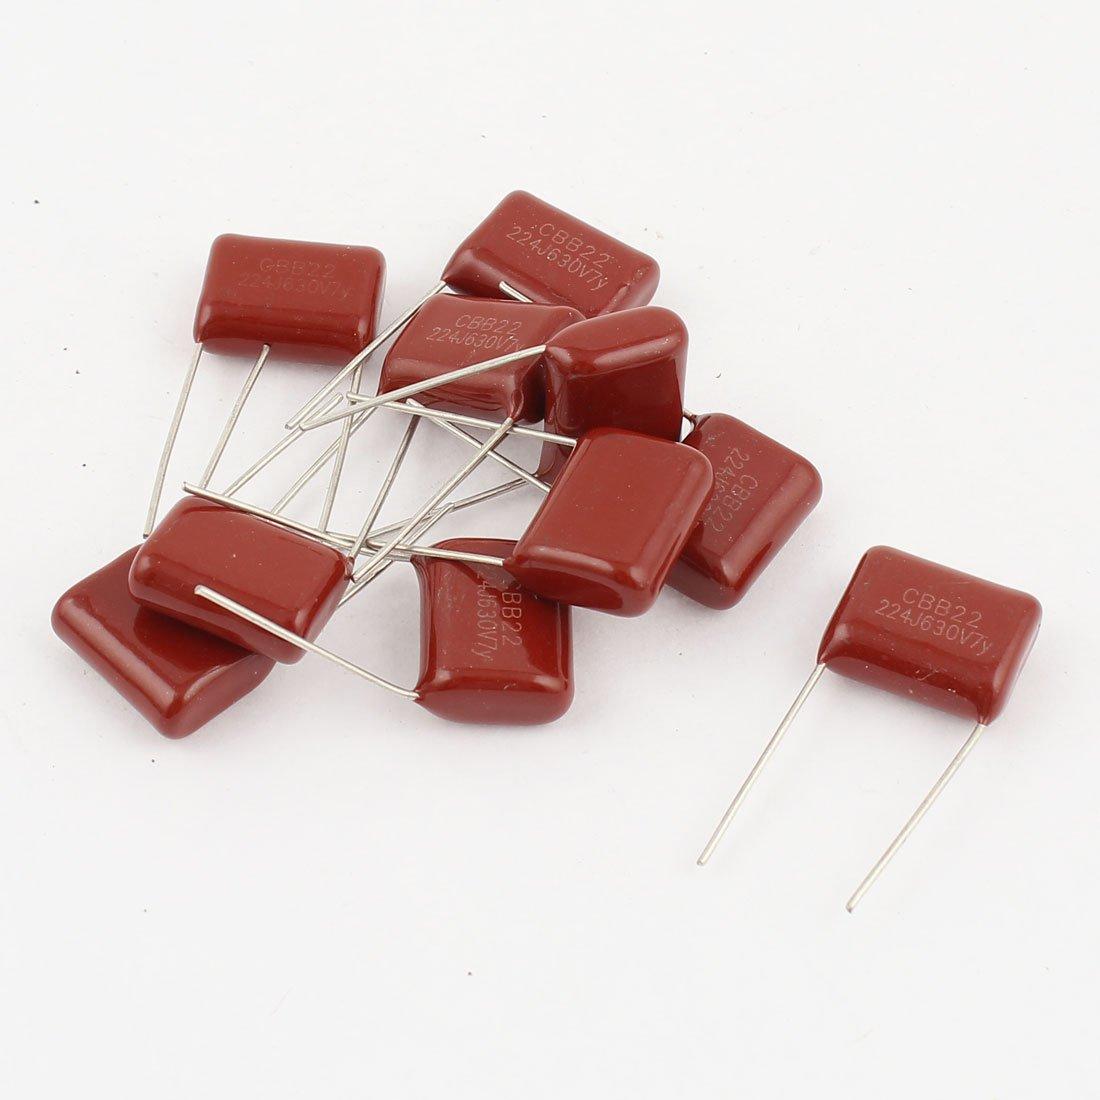 Aexit 10pcs 224J 630V 0.22uF Composants /électroniques condensateurs /à film polyester m/étallis/é 845H265